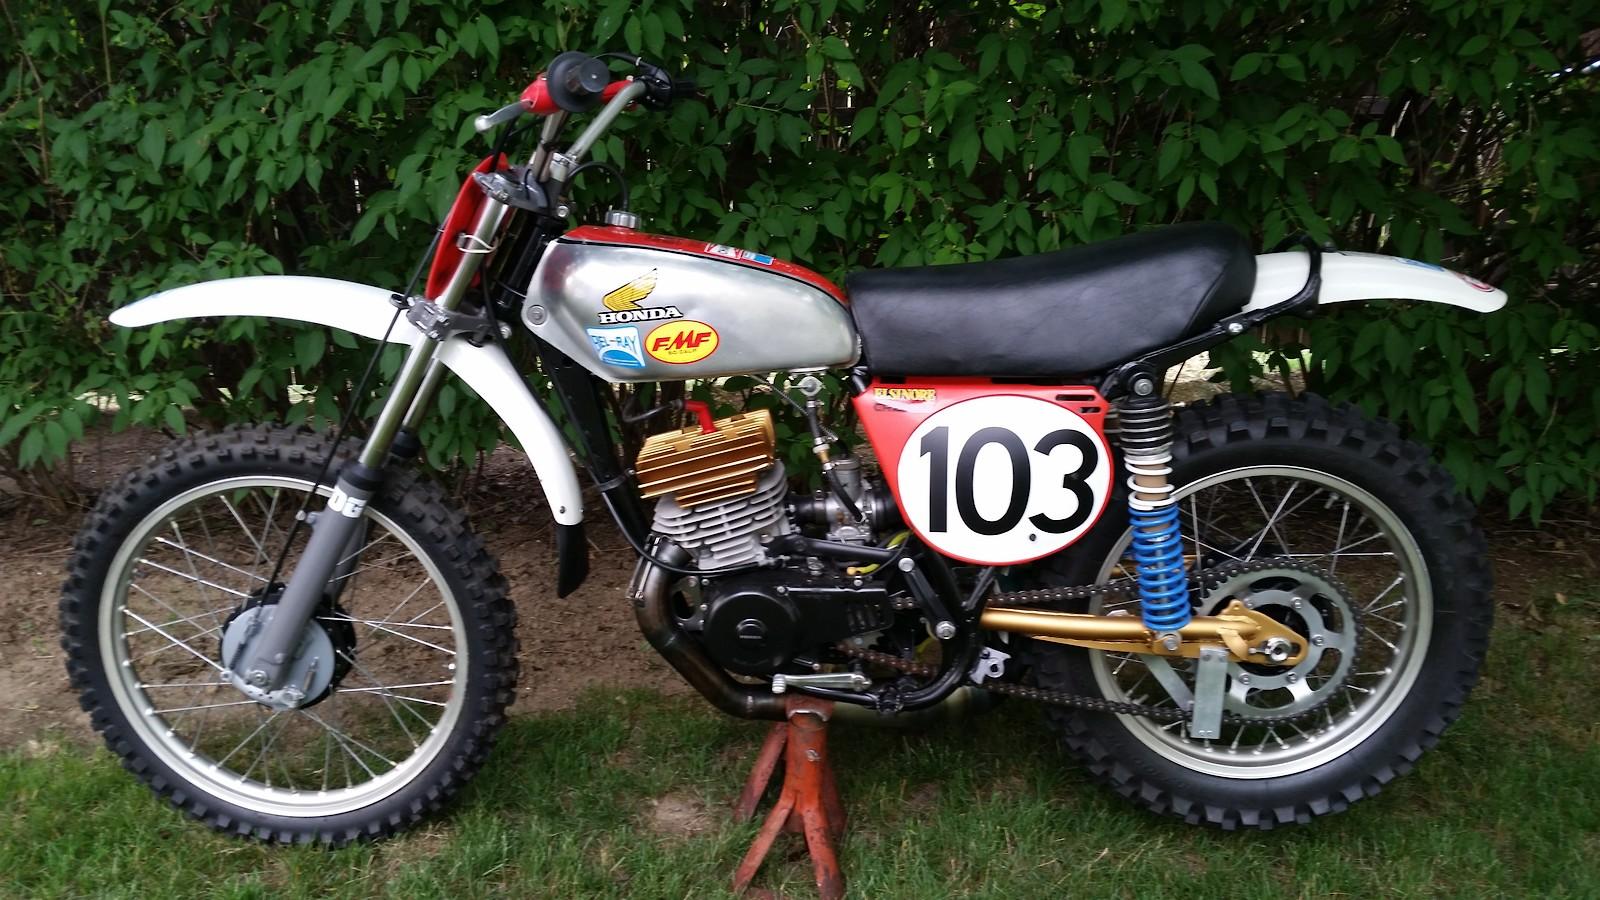 Clayton Nix's Honda